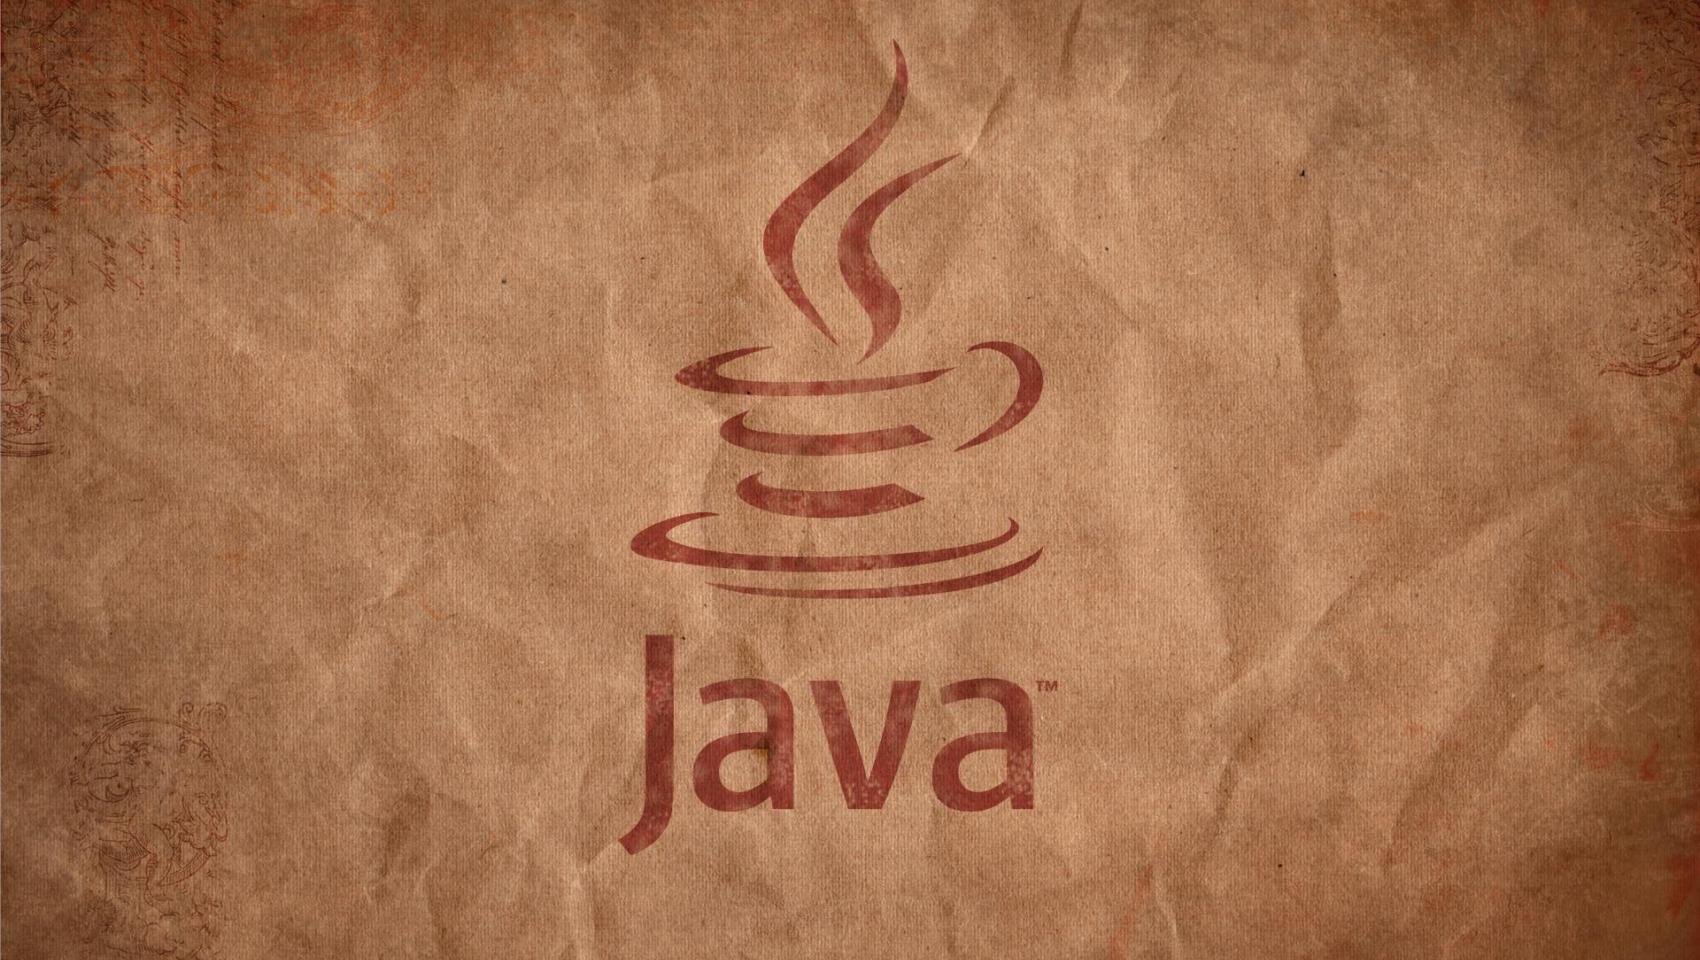 Как хранить и делиться данными в Java Collections